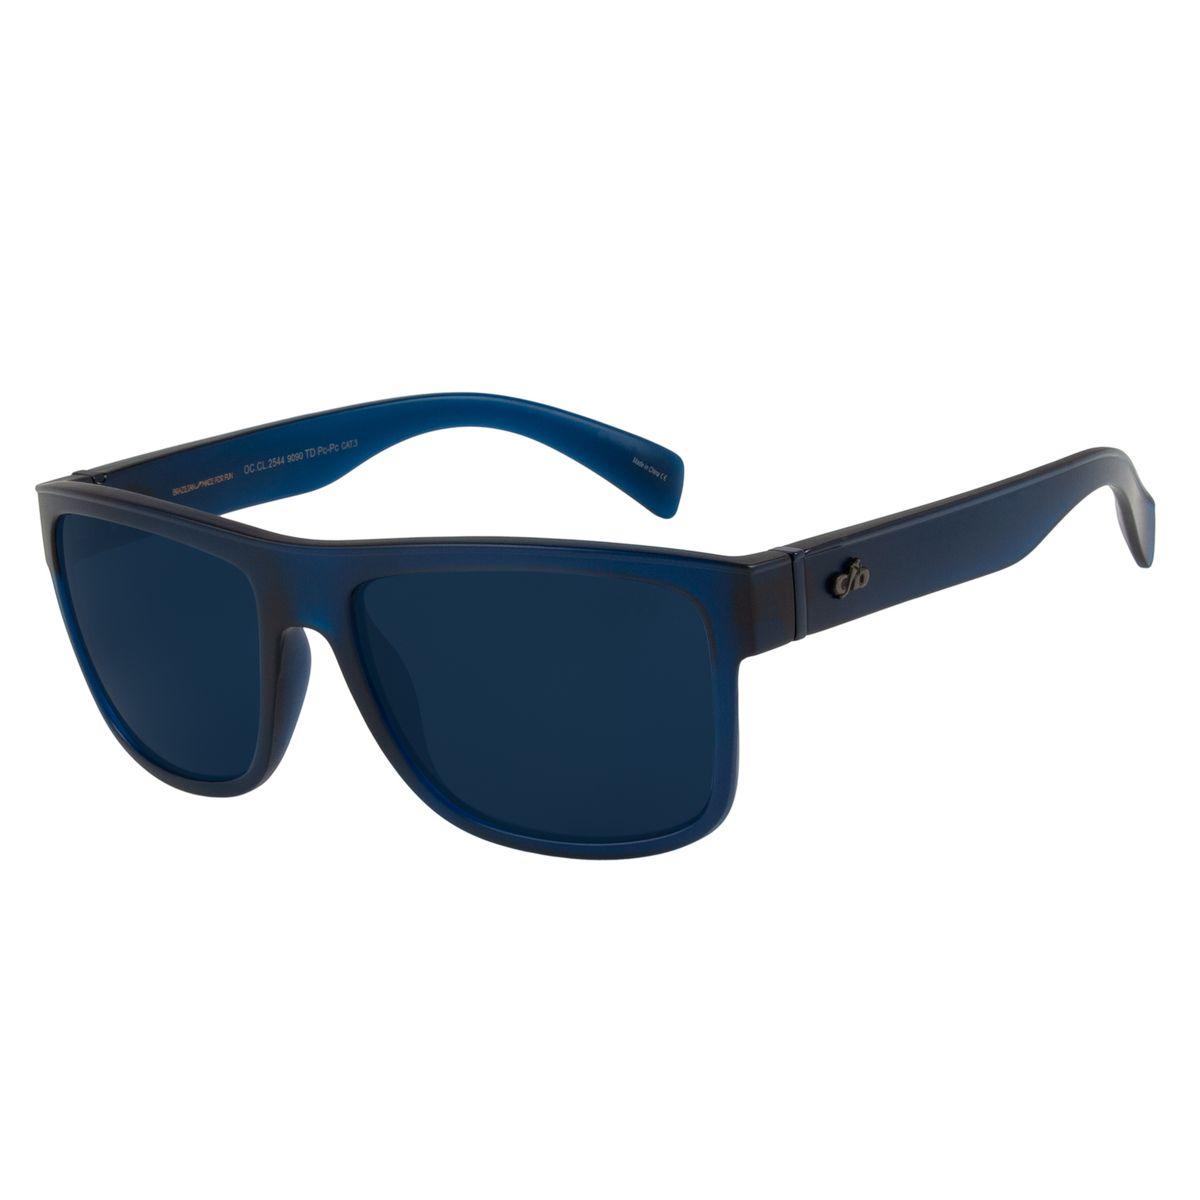 19543005ec9d9 Óculos De Sol Chilli Beans Masculino Bossa Nova Azul 2544 - Chilli Beans